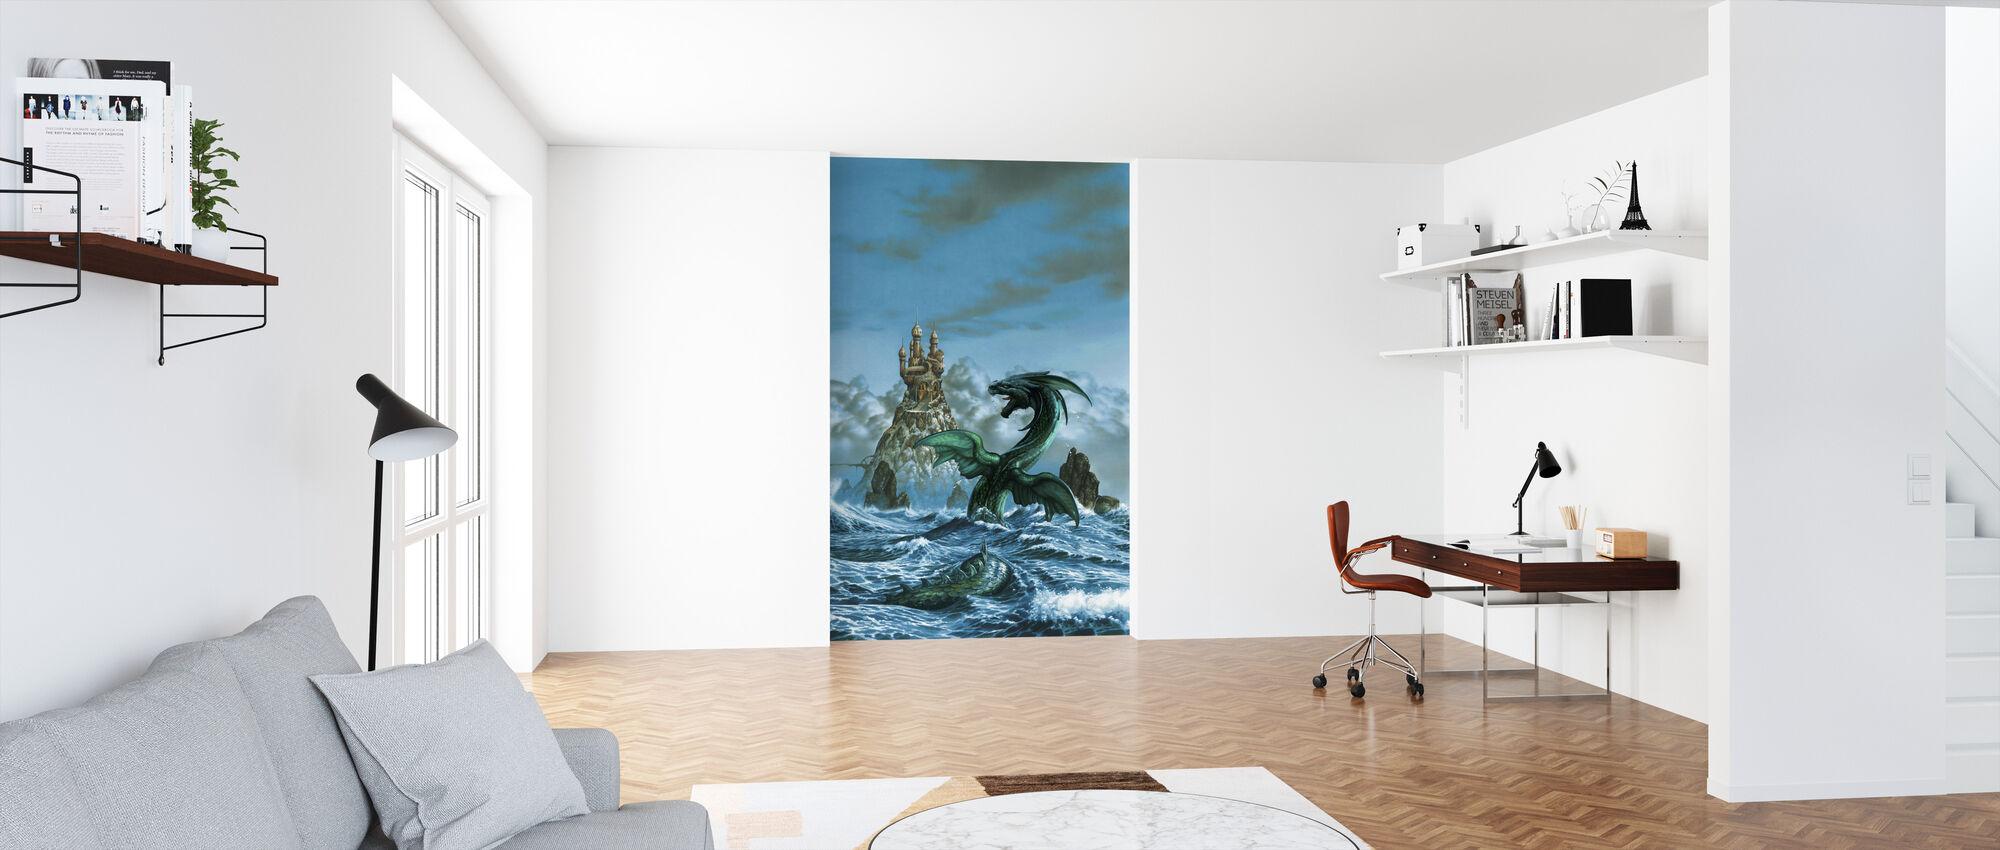 Dragon Mar - Wallpaper - Office